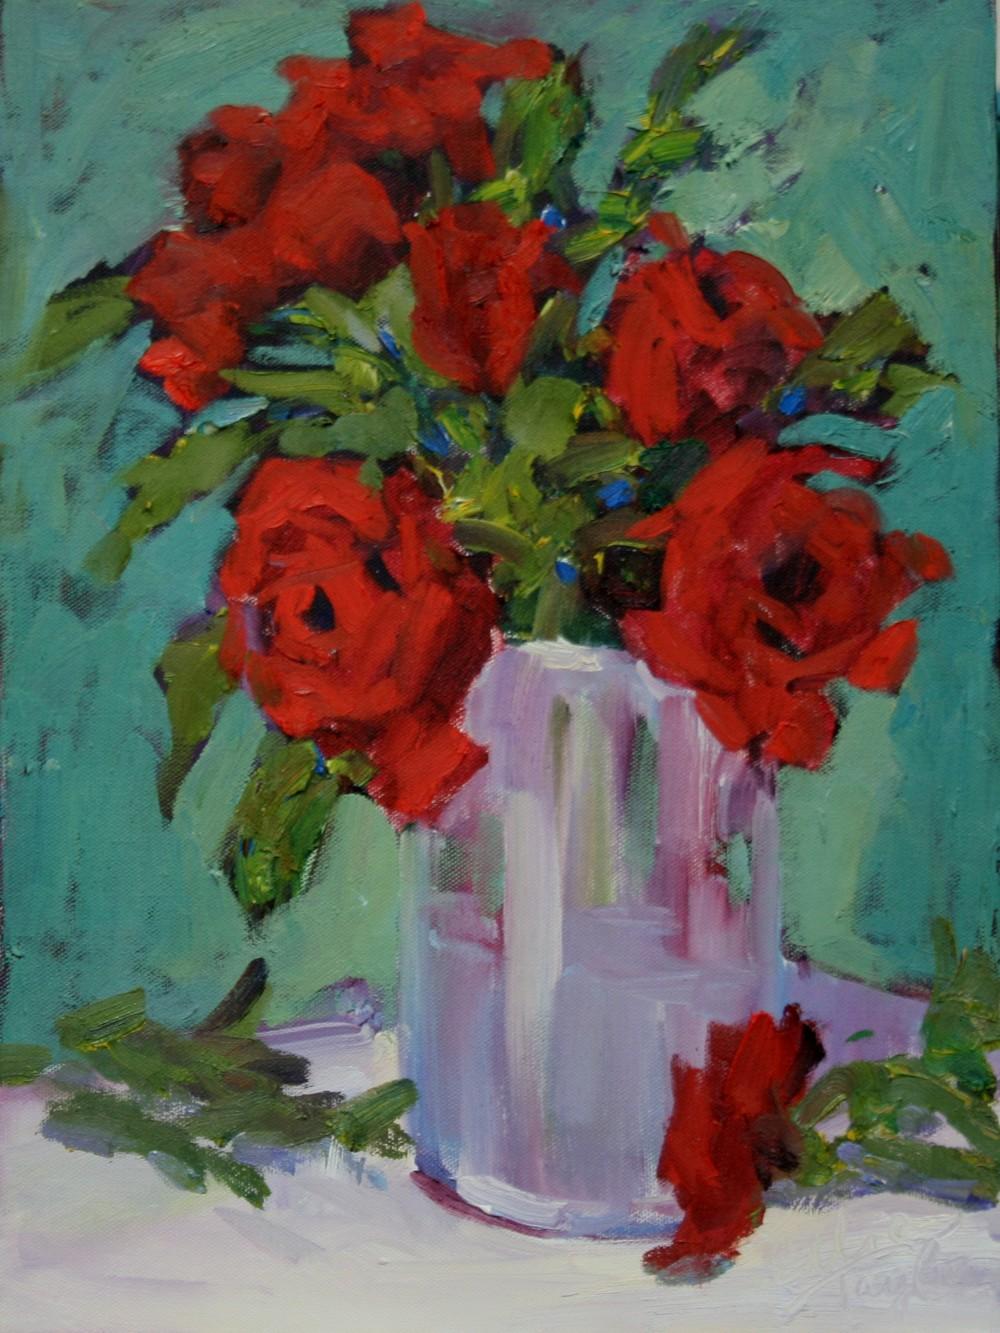 Ellie_TaylorTyler Roses 16x12.JPG